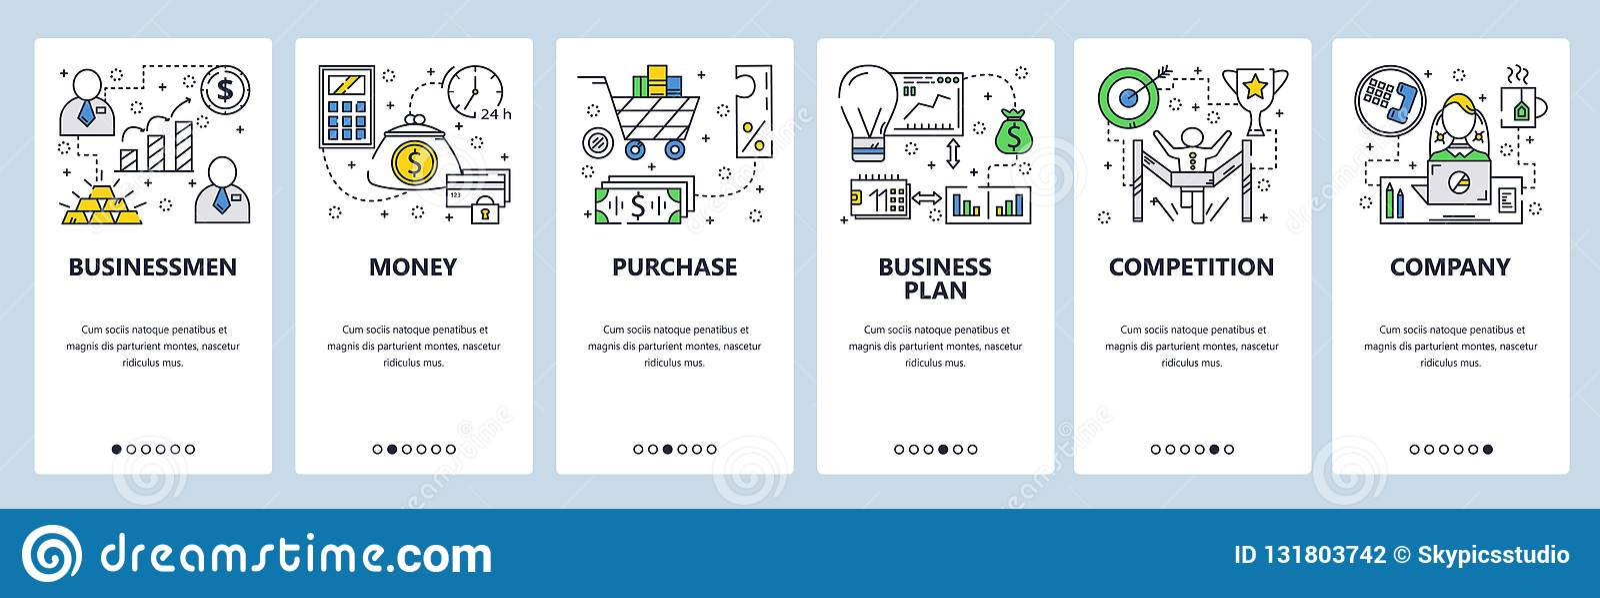 business plan website